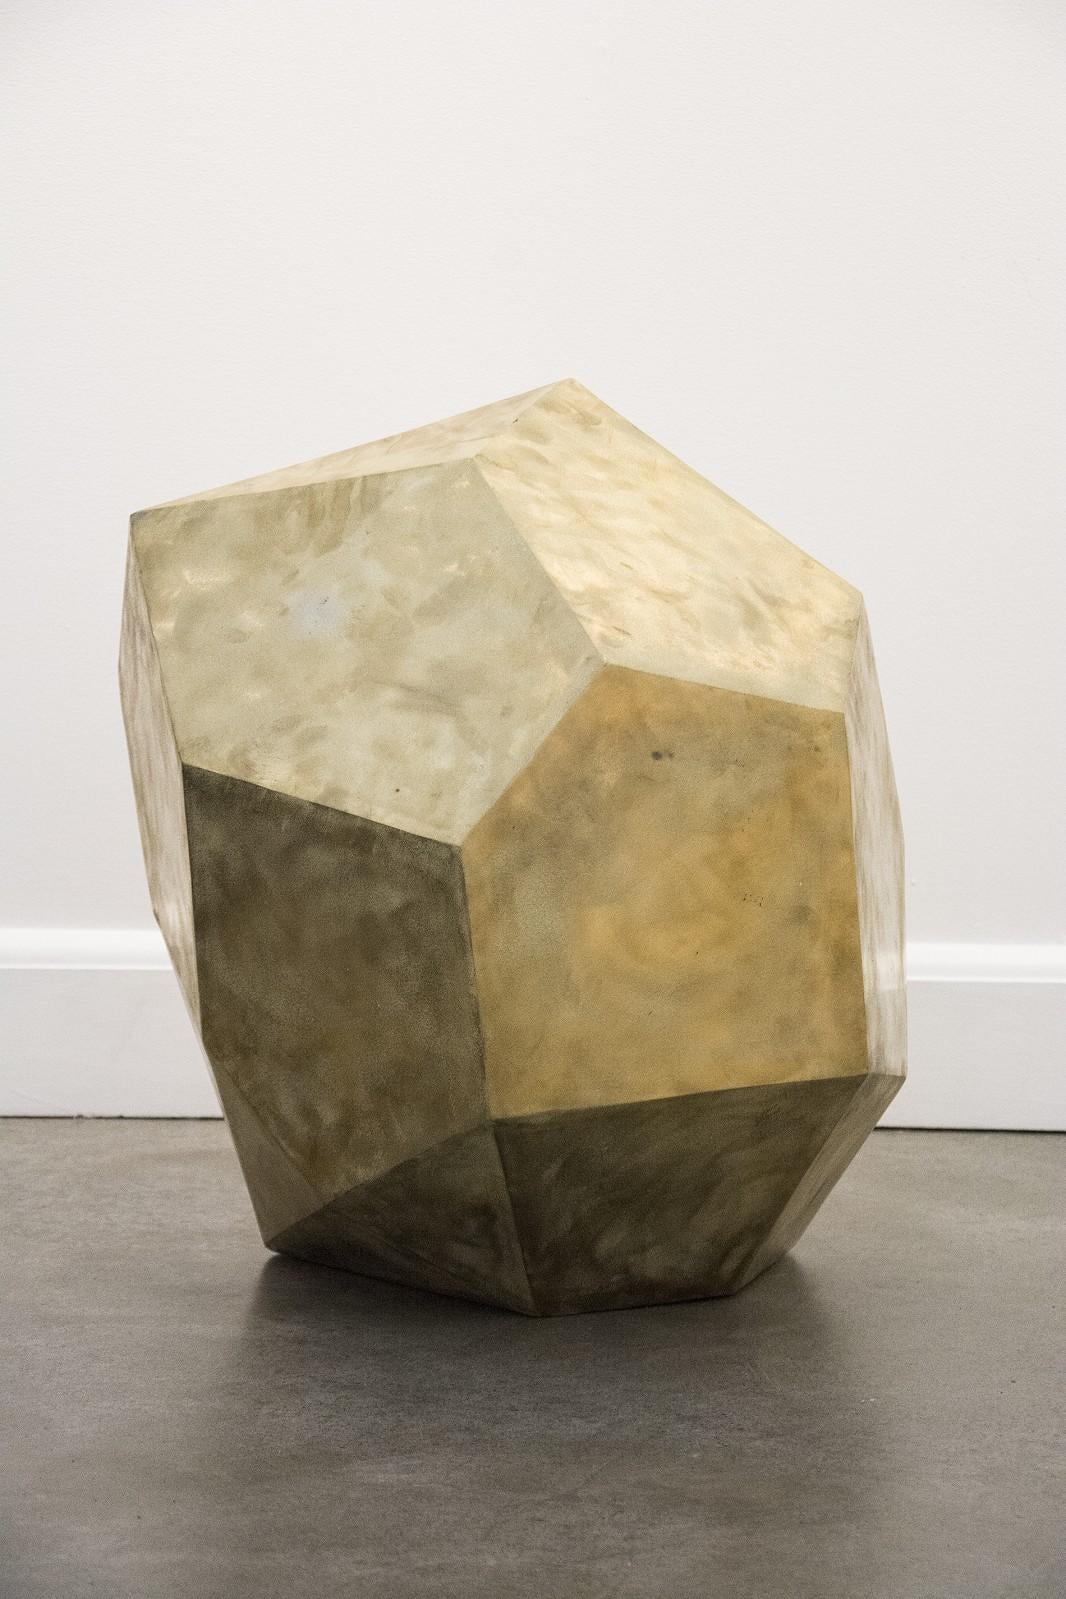 Glacial Series: Dropstone - Polygonal indoor sculpture in steel and bronze